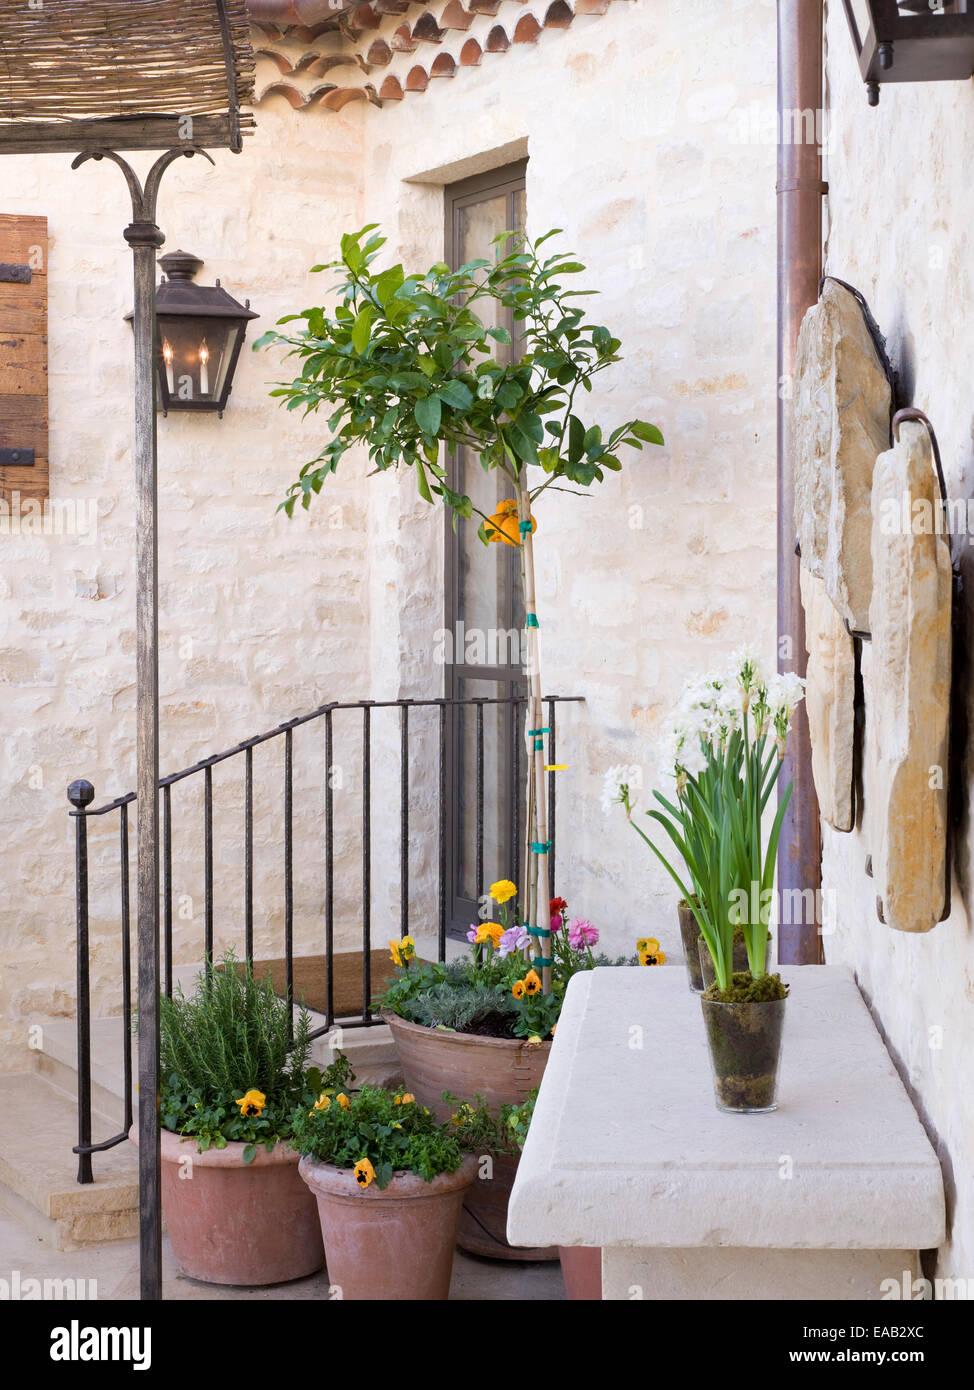 Patio in pietra con giardino elementi Immagini Stock